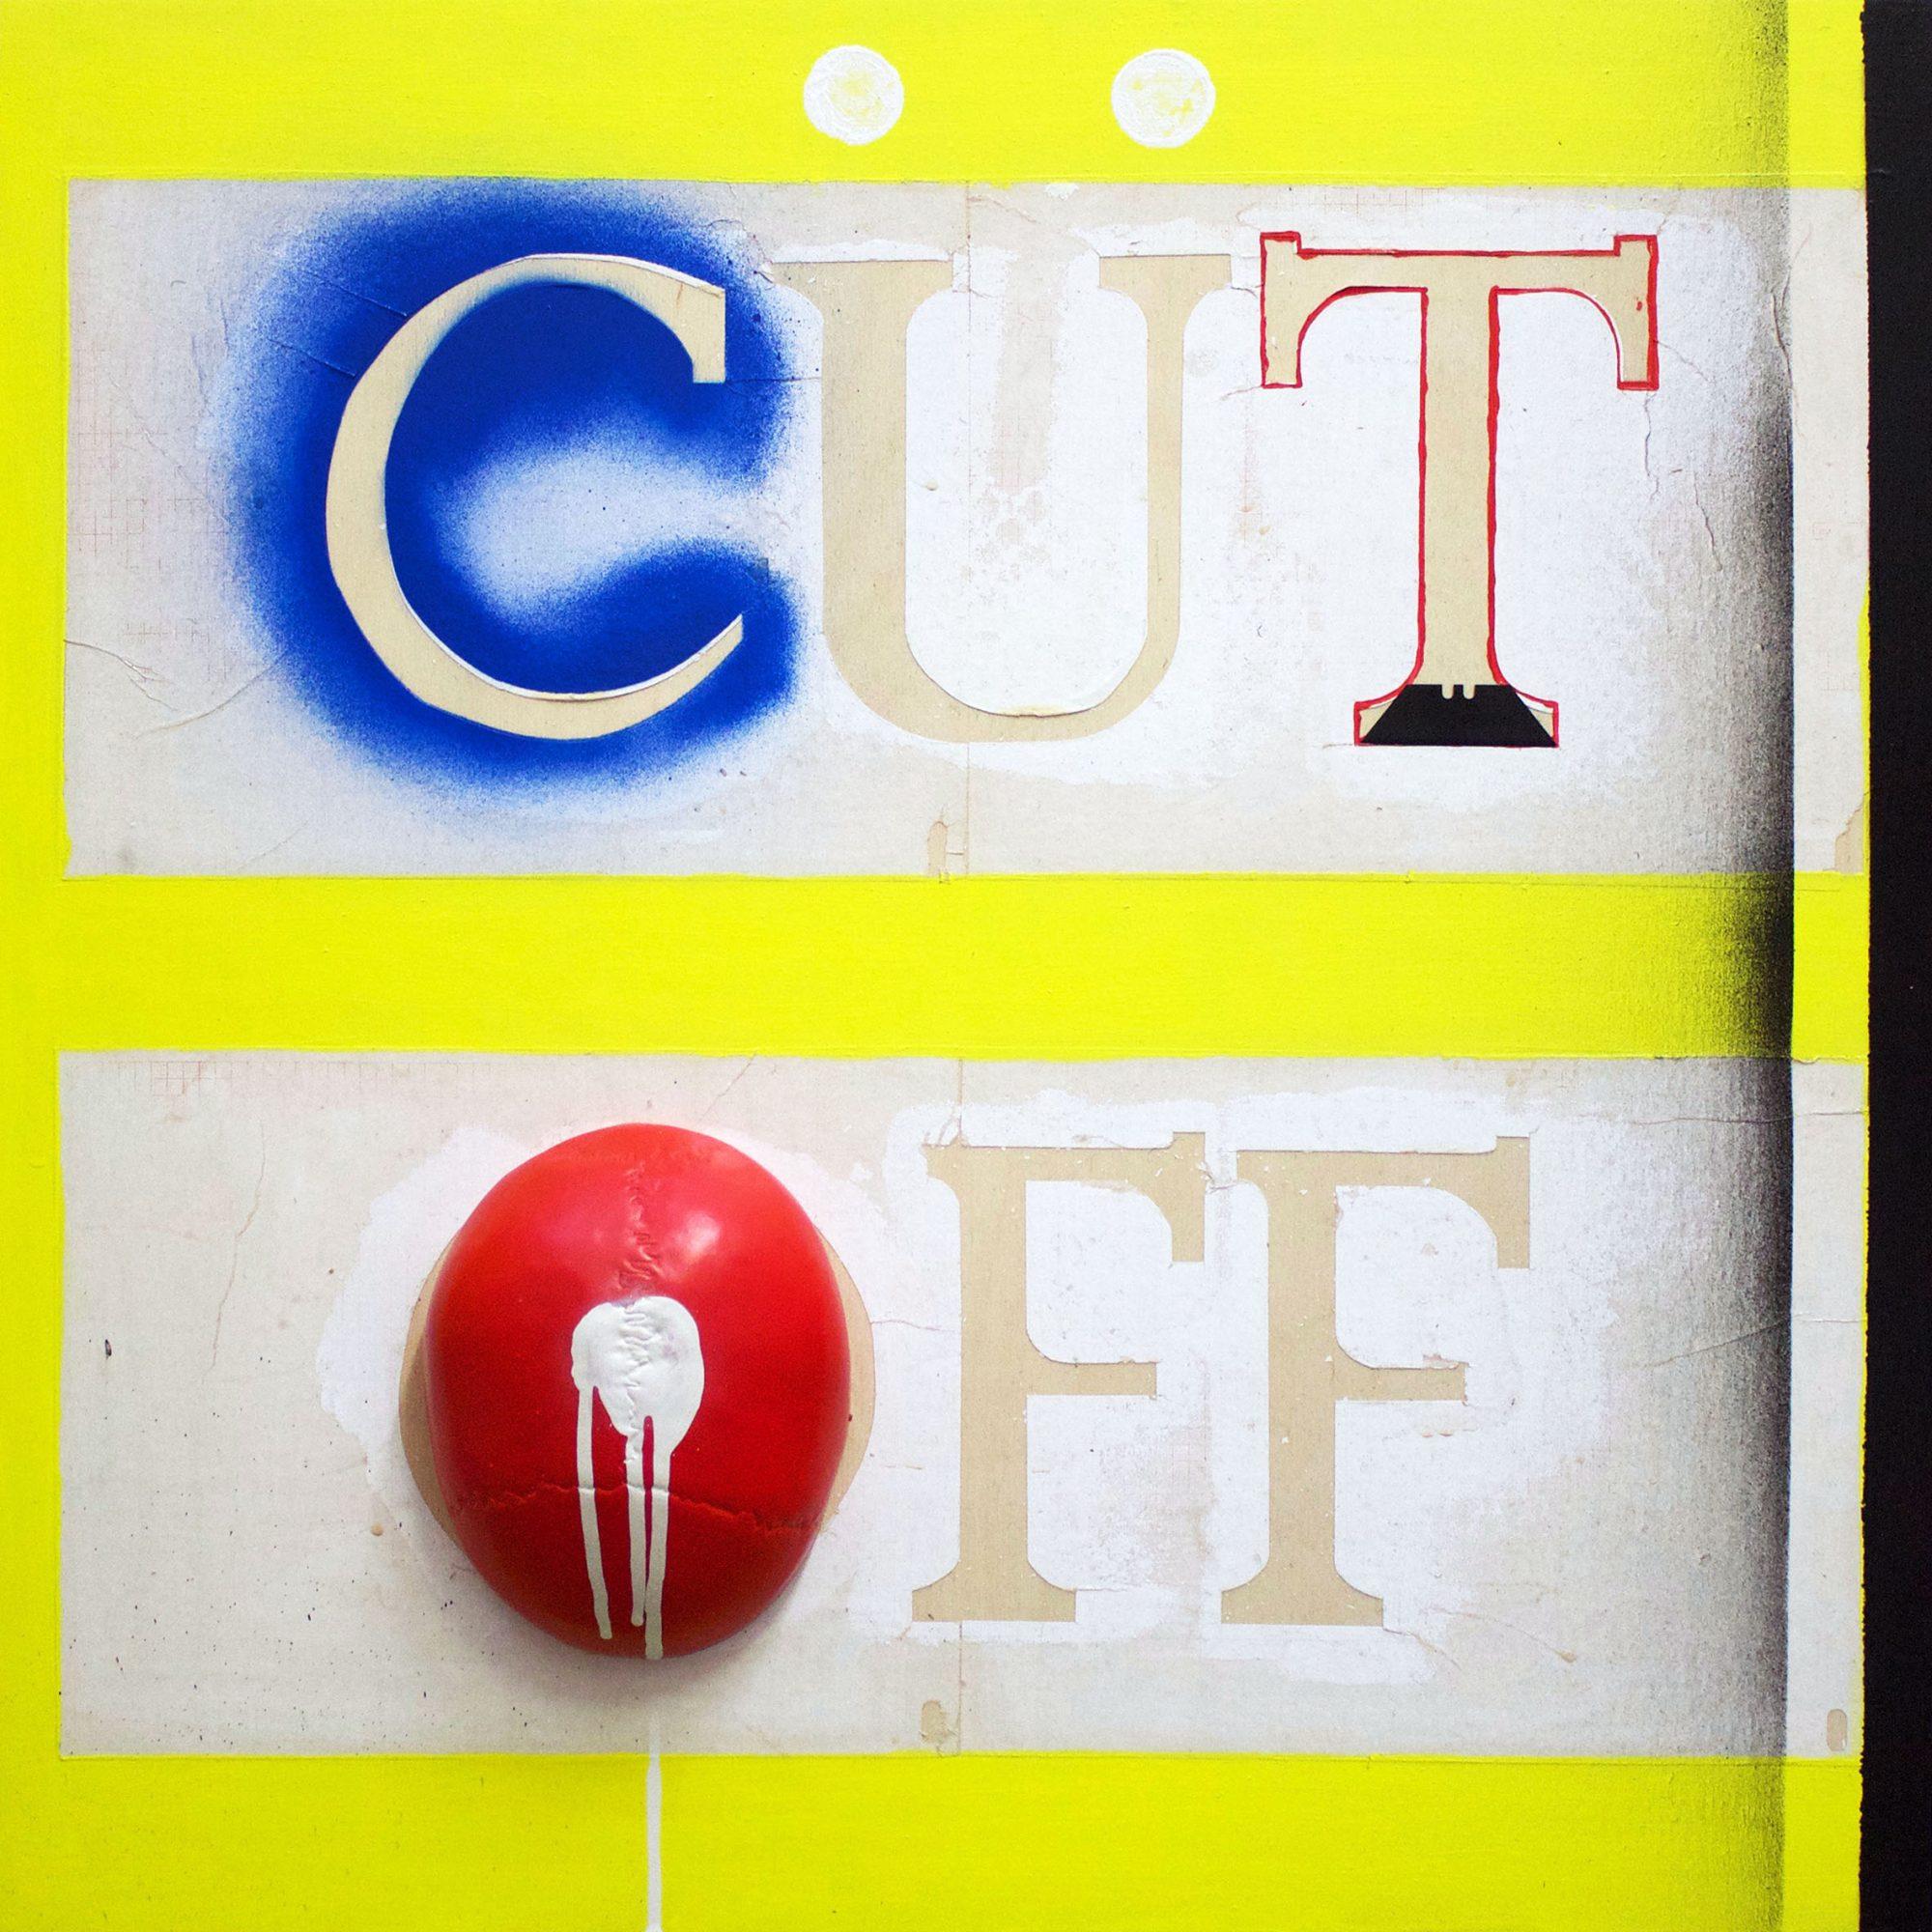 ramble-cut-off